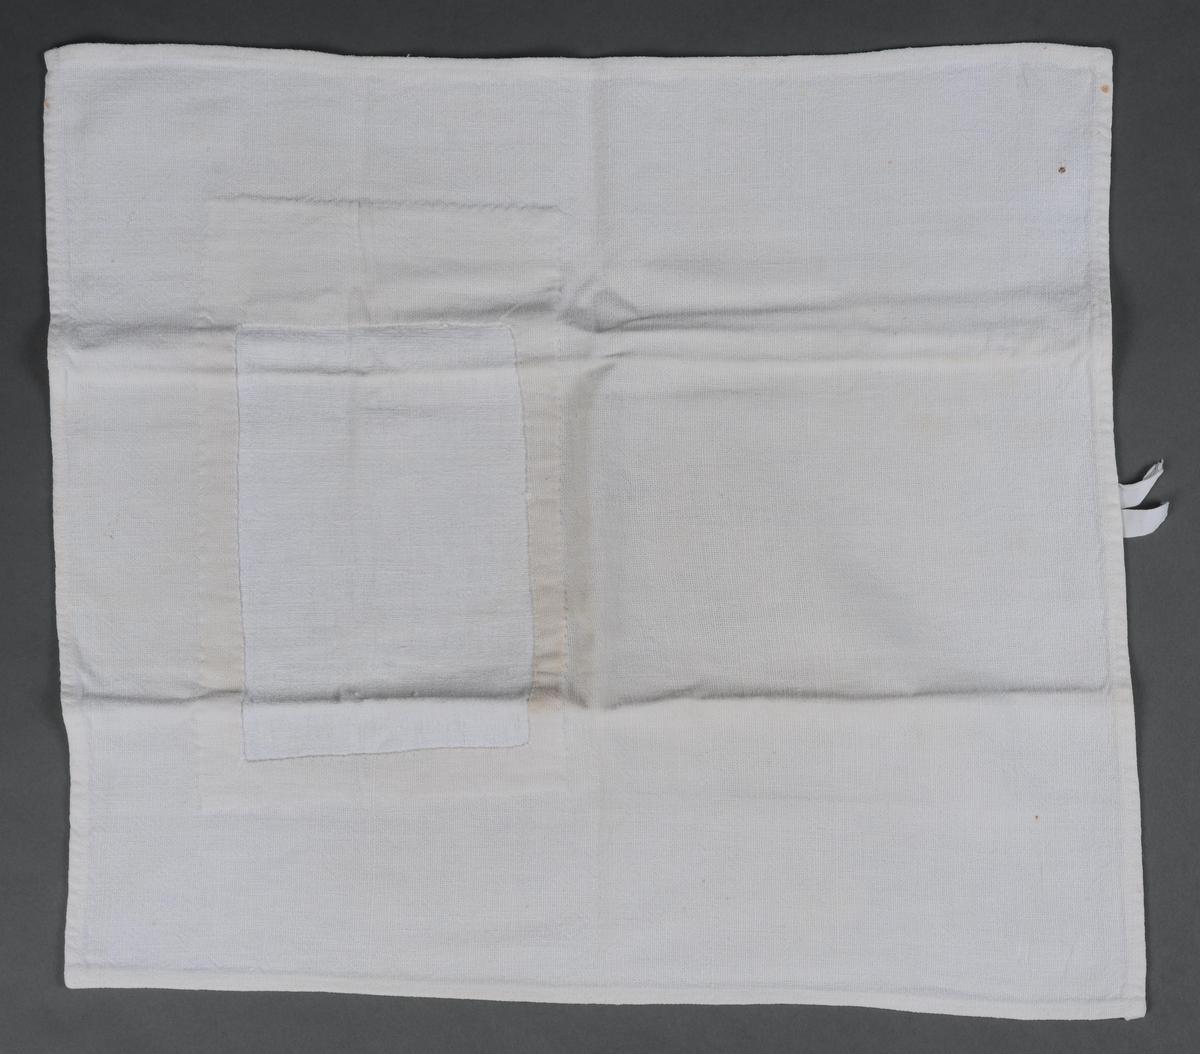 Håndduk hvor alle 4 sider er kantet inn og sydd til med maskin. Hempe av bomullsbånd er sydd på med maskin midt på den ene kortsidene. Håndduken er bødt.